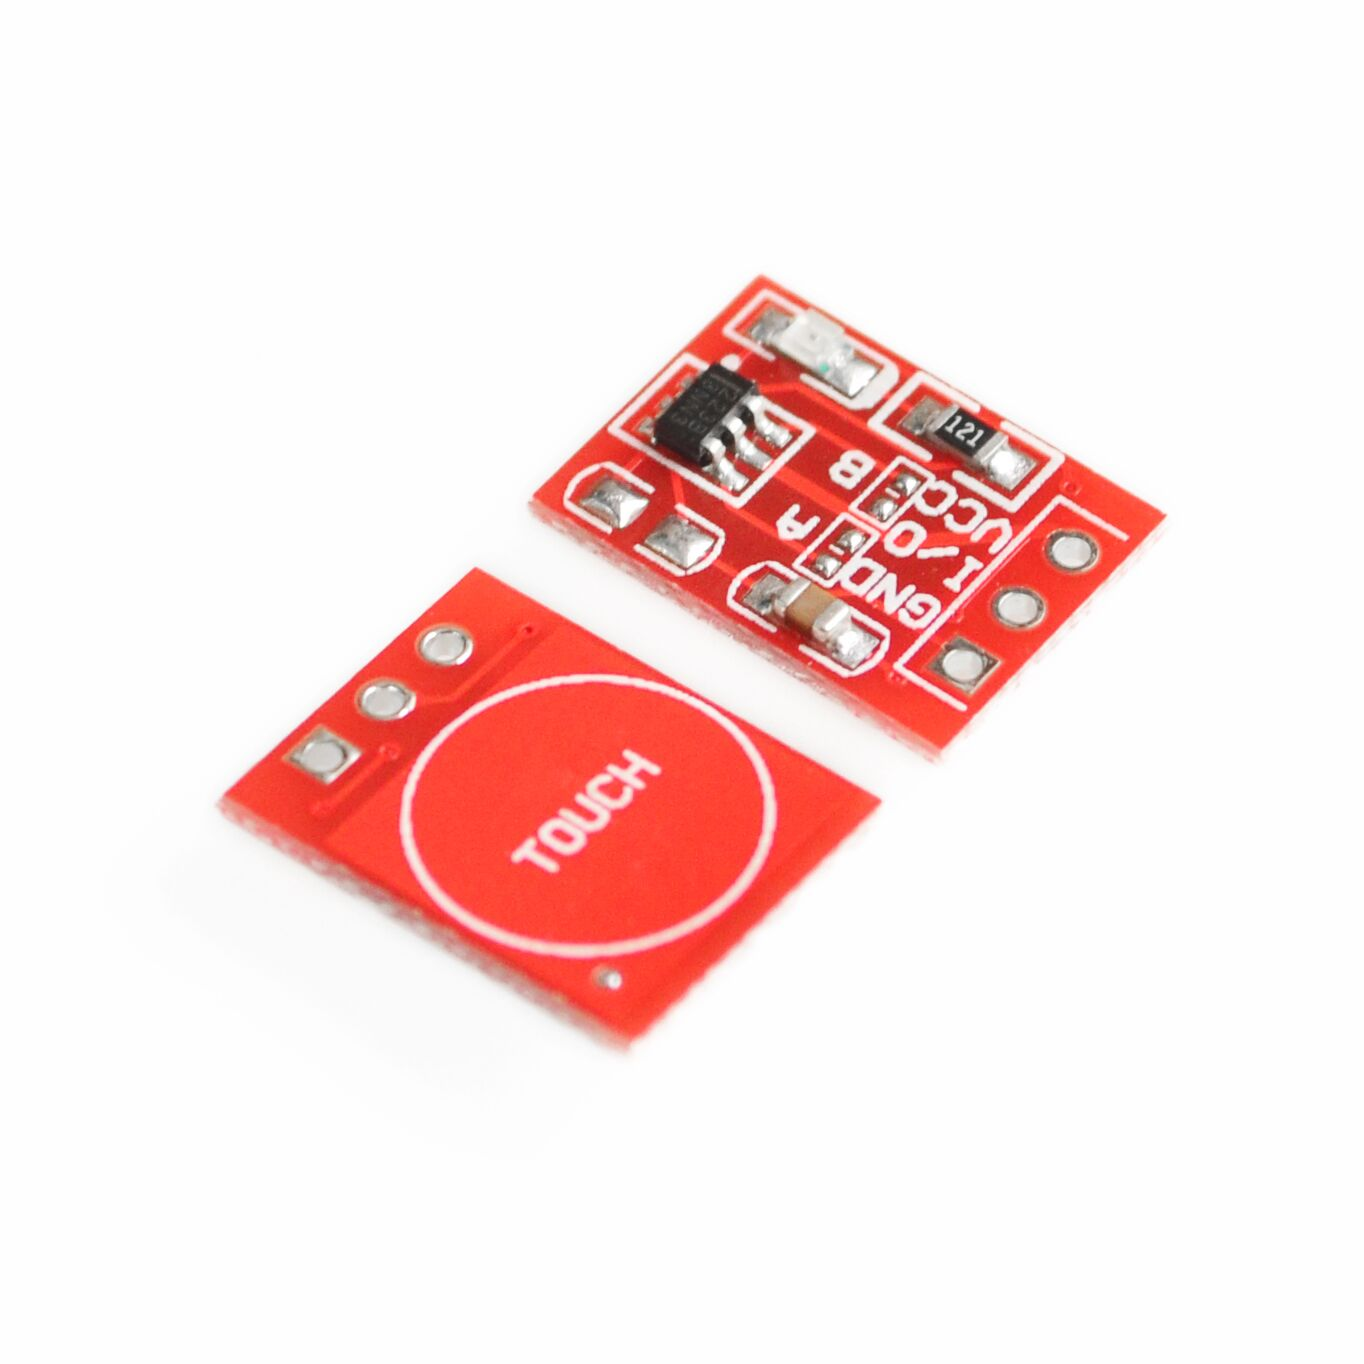 10 Unids/lote Nuevo Módulo De Botón Táctil TTP223 Tipo De Condensador De Un Solo Canal Sensor De Interruptor Táctil De Bloqueo Automático